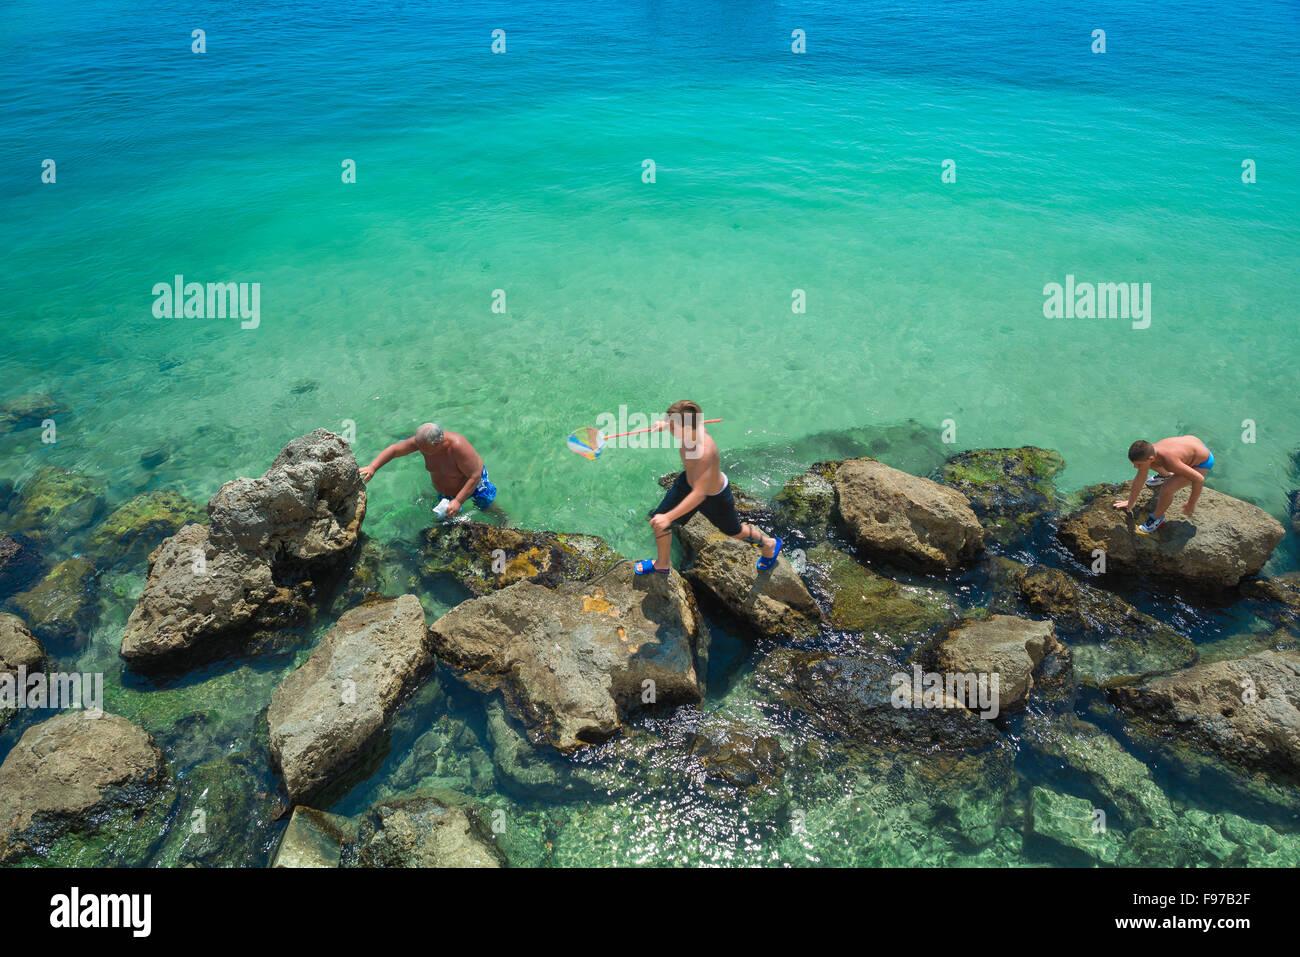 Rock La famille piscine, vue d'un groupe familial de pêche dans une roche couverte par un après-midi Photo Stock